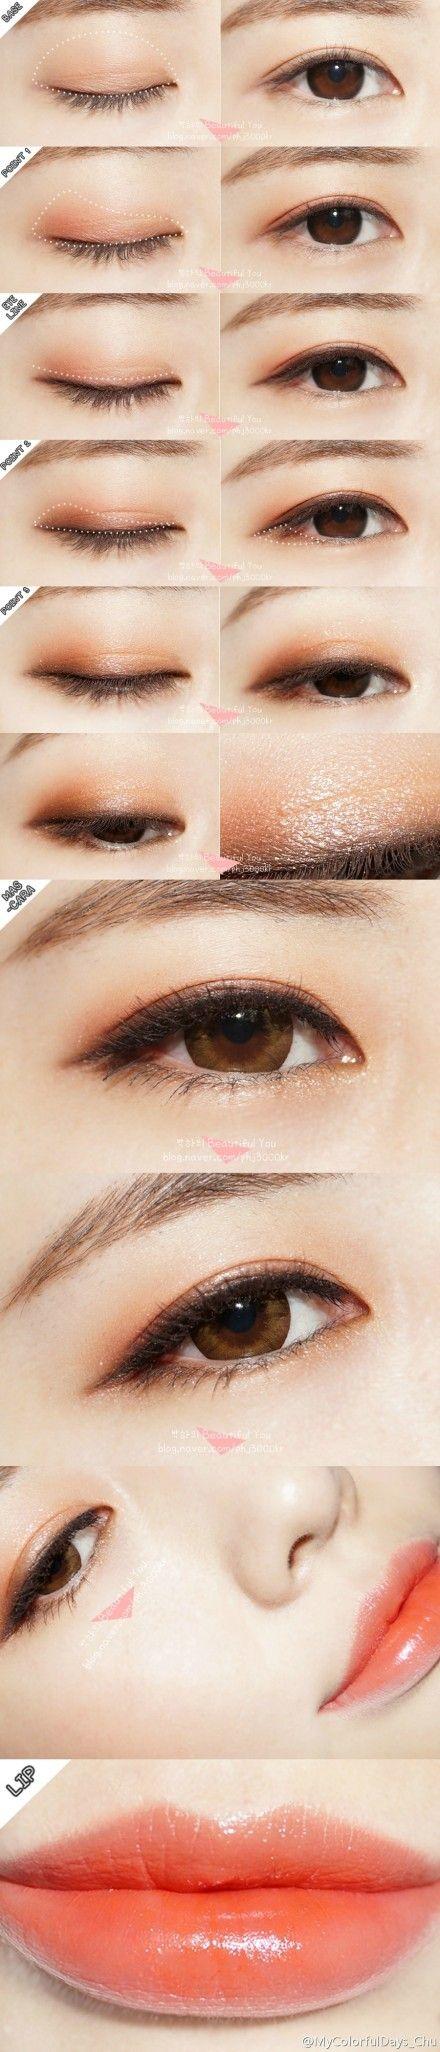 แต่งหน้า ทาตาสวยแบบเกาหลี